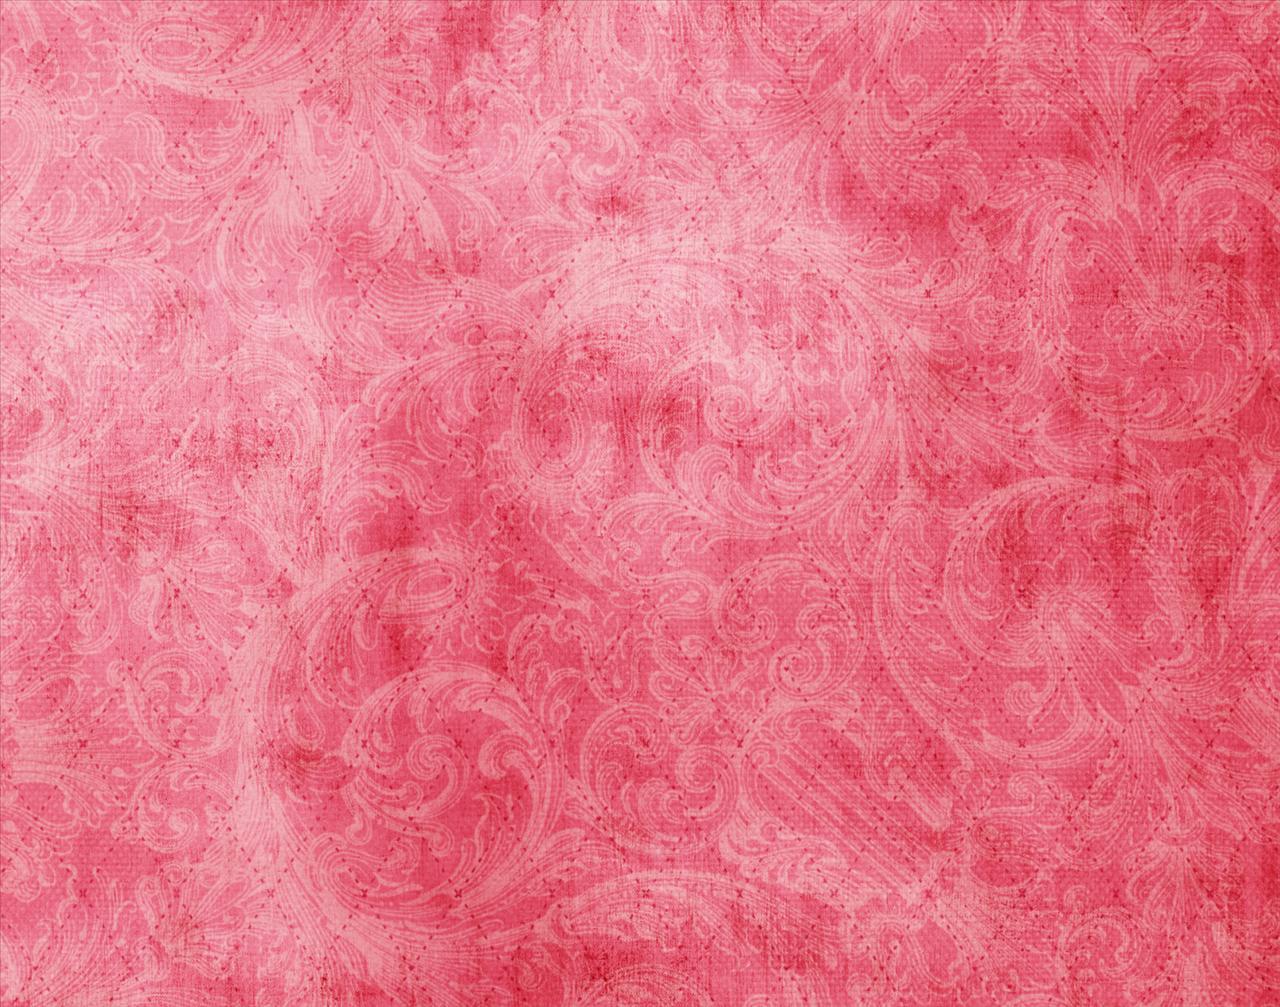 Rosa Wallpaper Hd Fundos rosa Wallpaper Baixar rosa Wallpaper